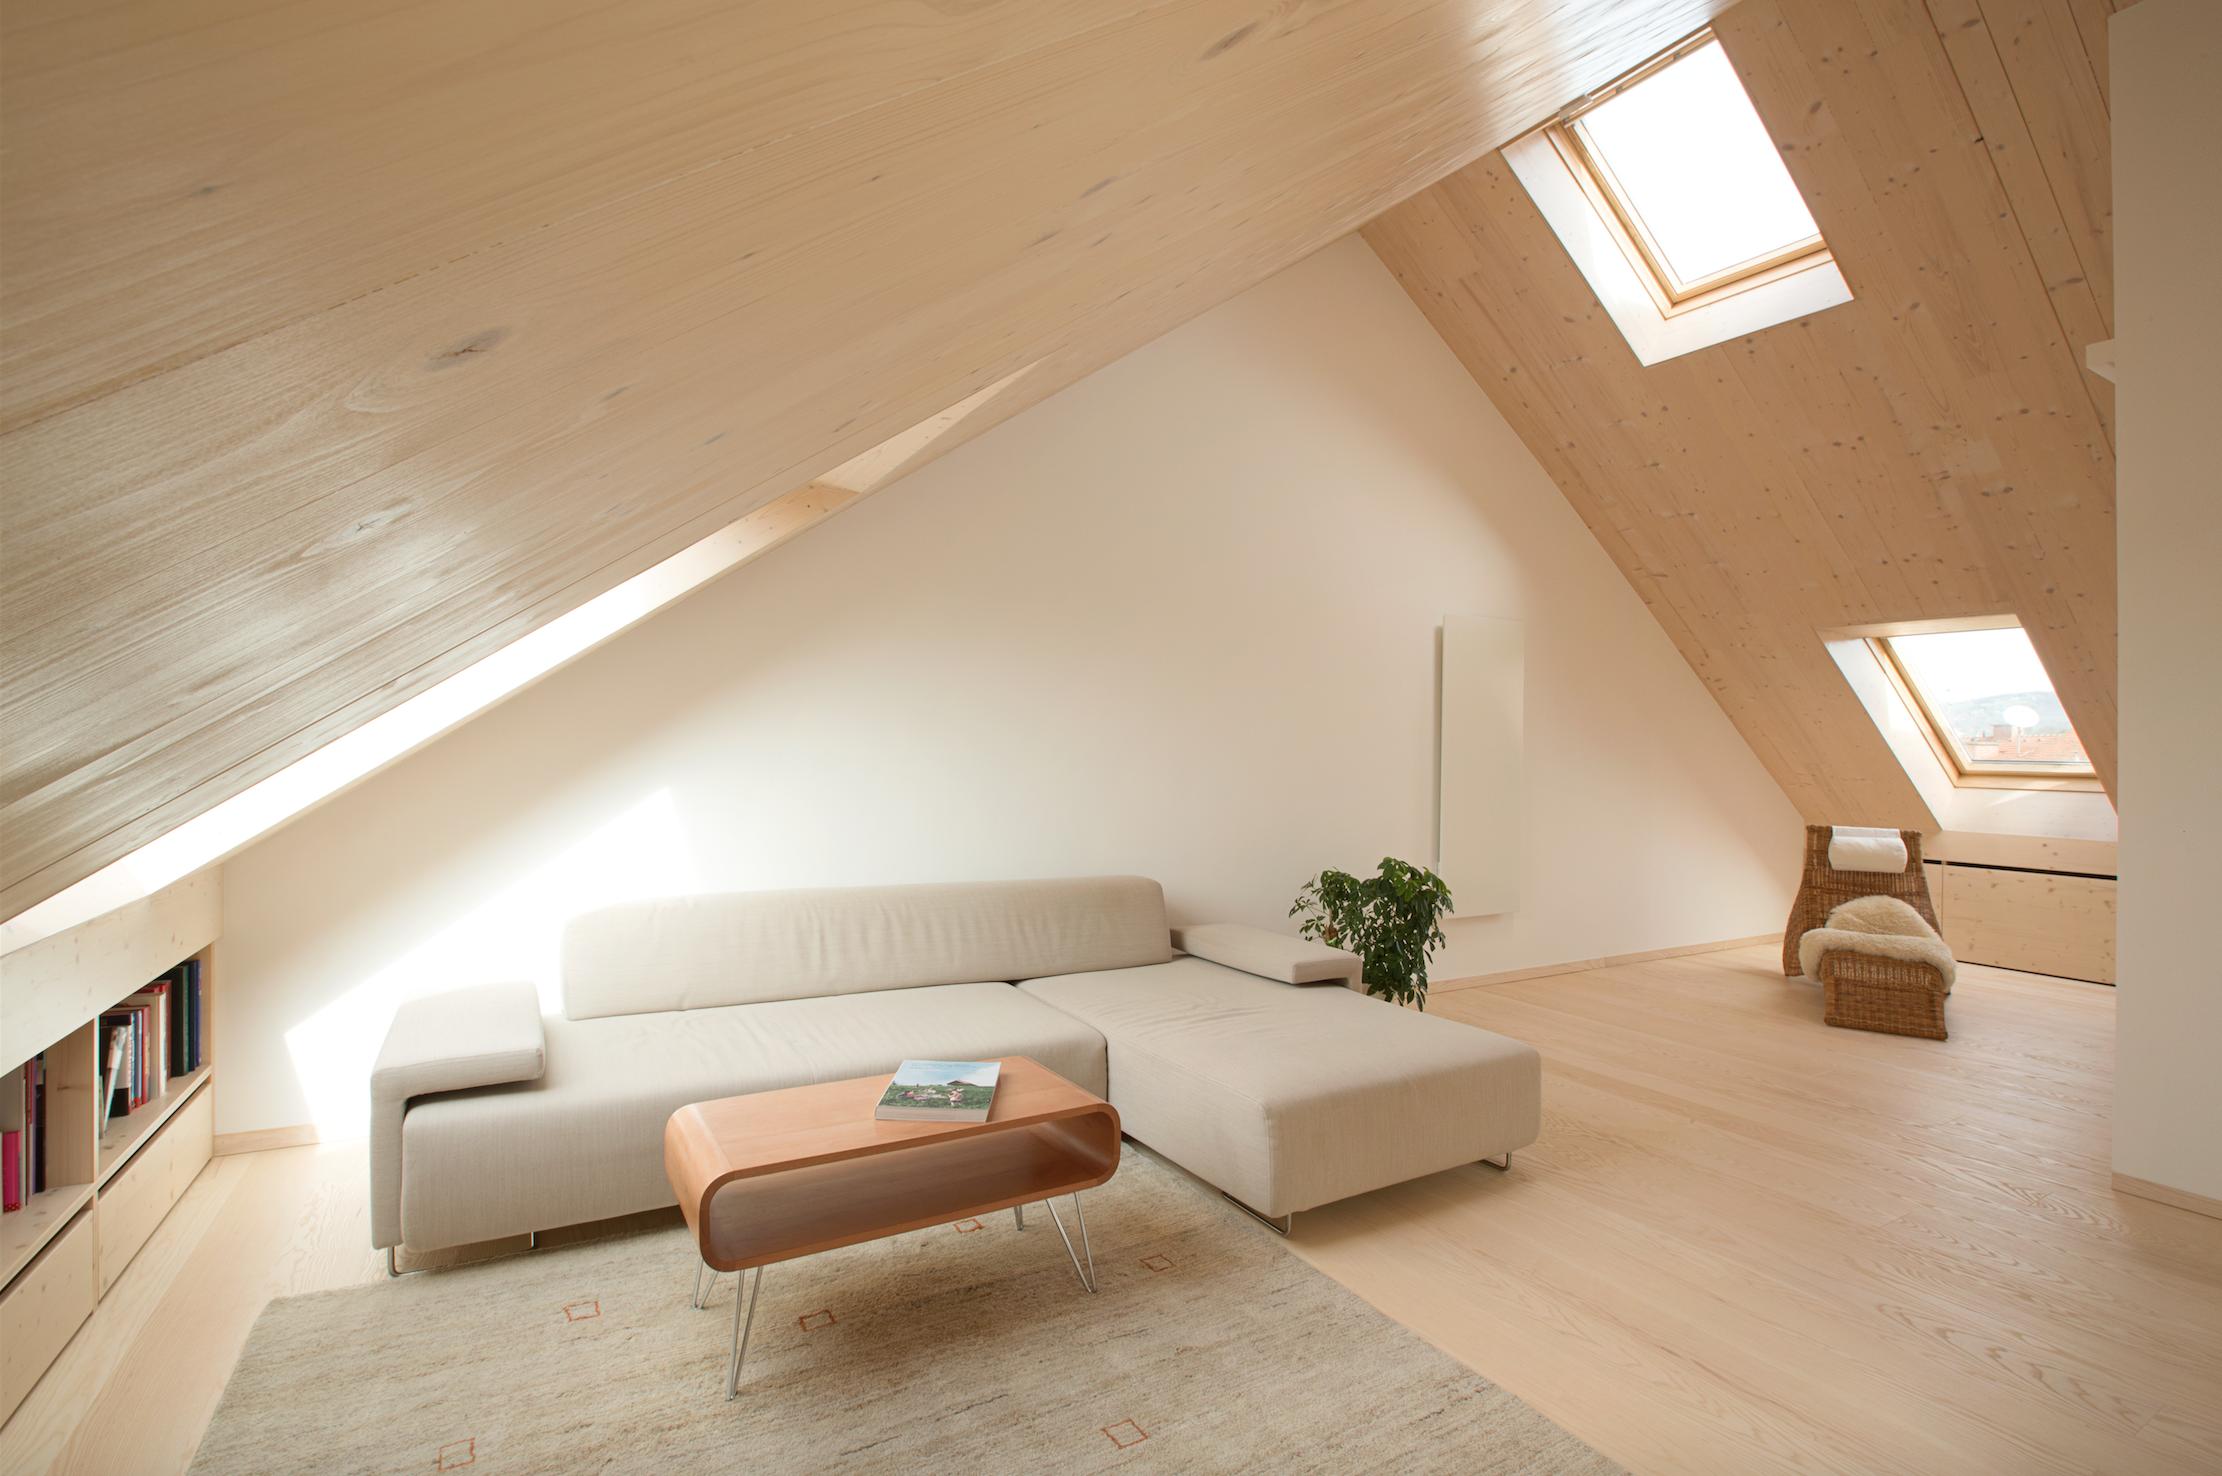 Dachausbau Ideen wohnraum erhellt durch velux dachflächenfenster dachausbau idee